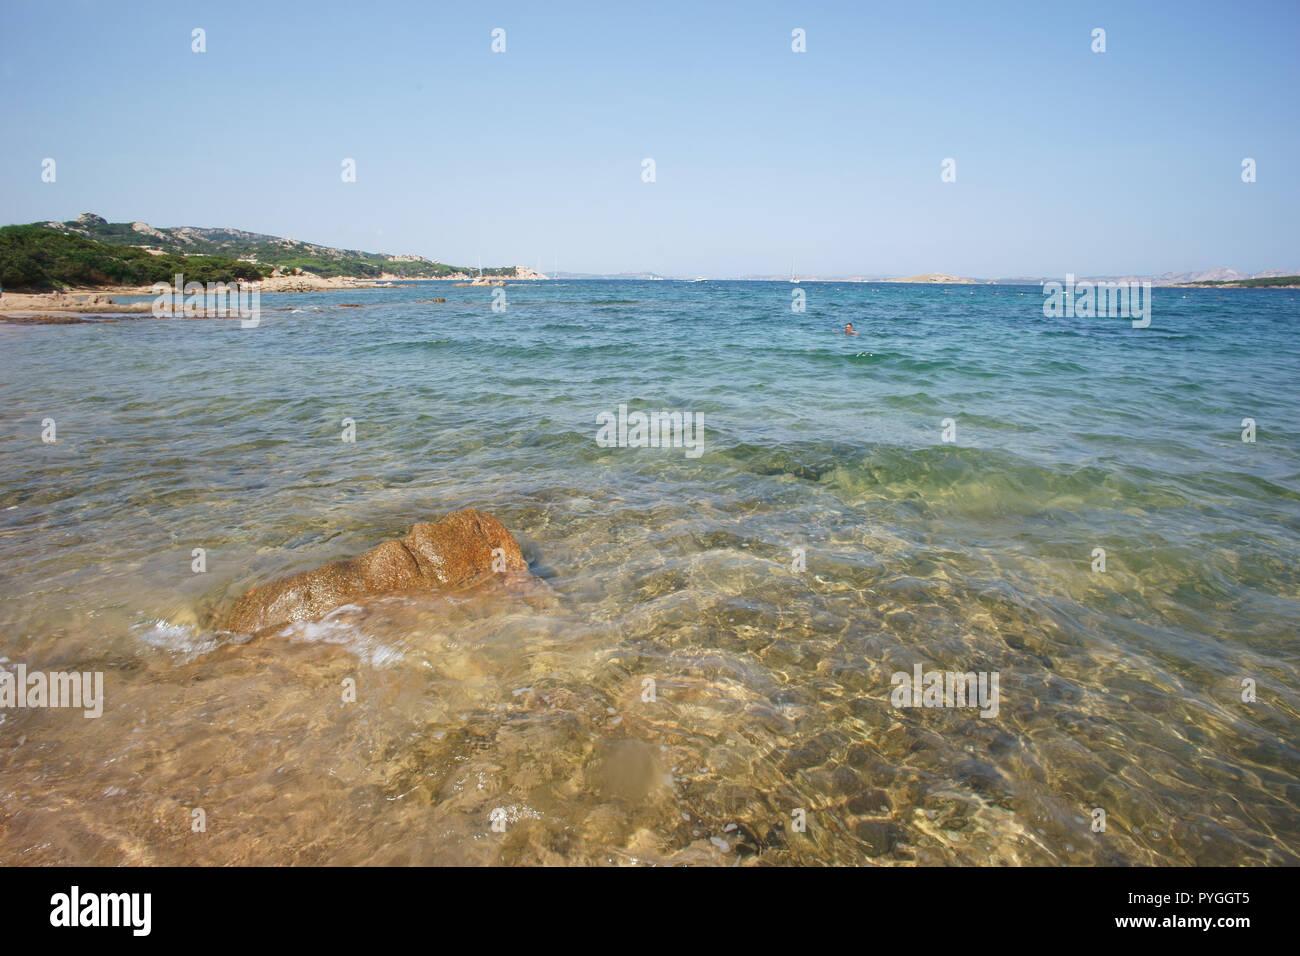 Liscia vacca beach, costa smeralda, Sardinia, italy Stock Photo